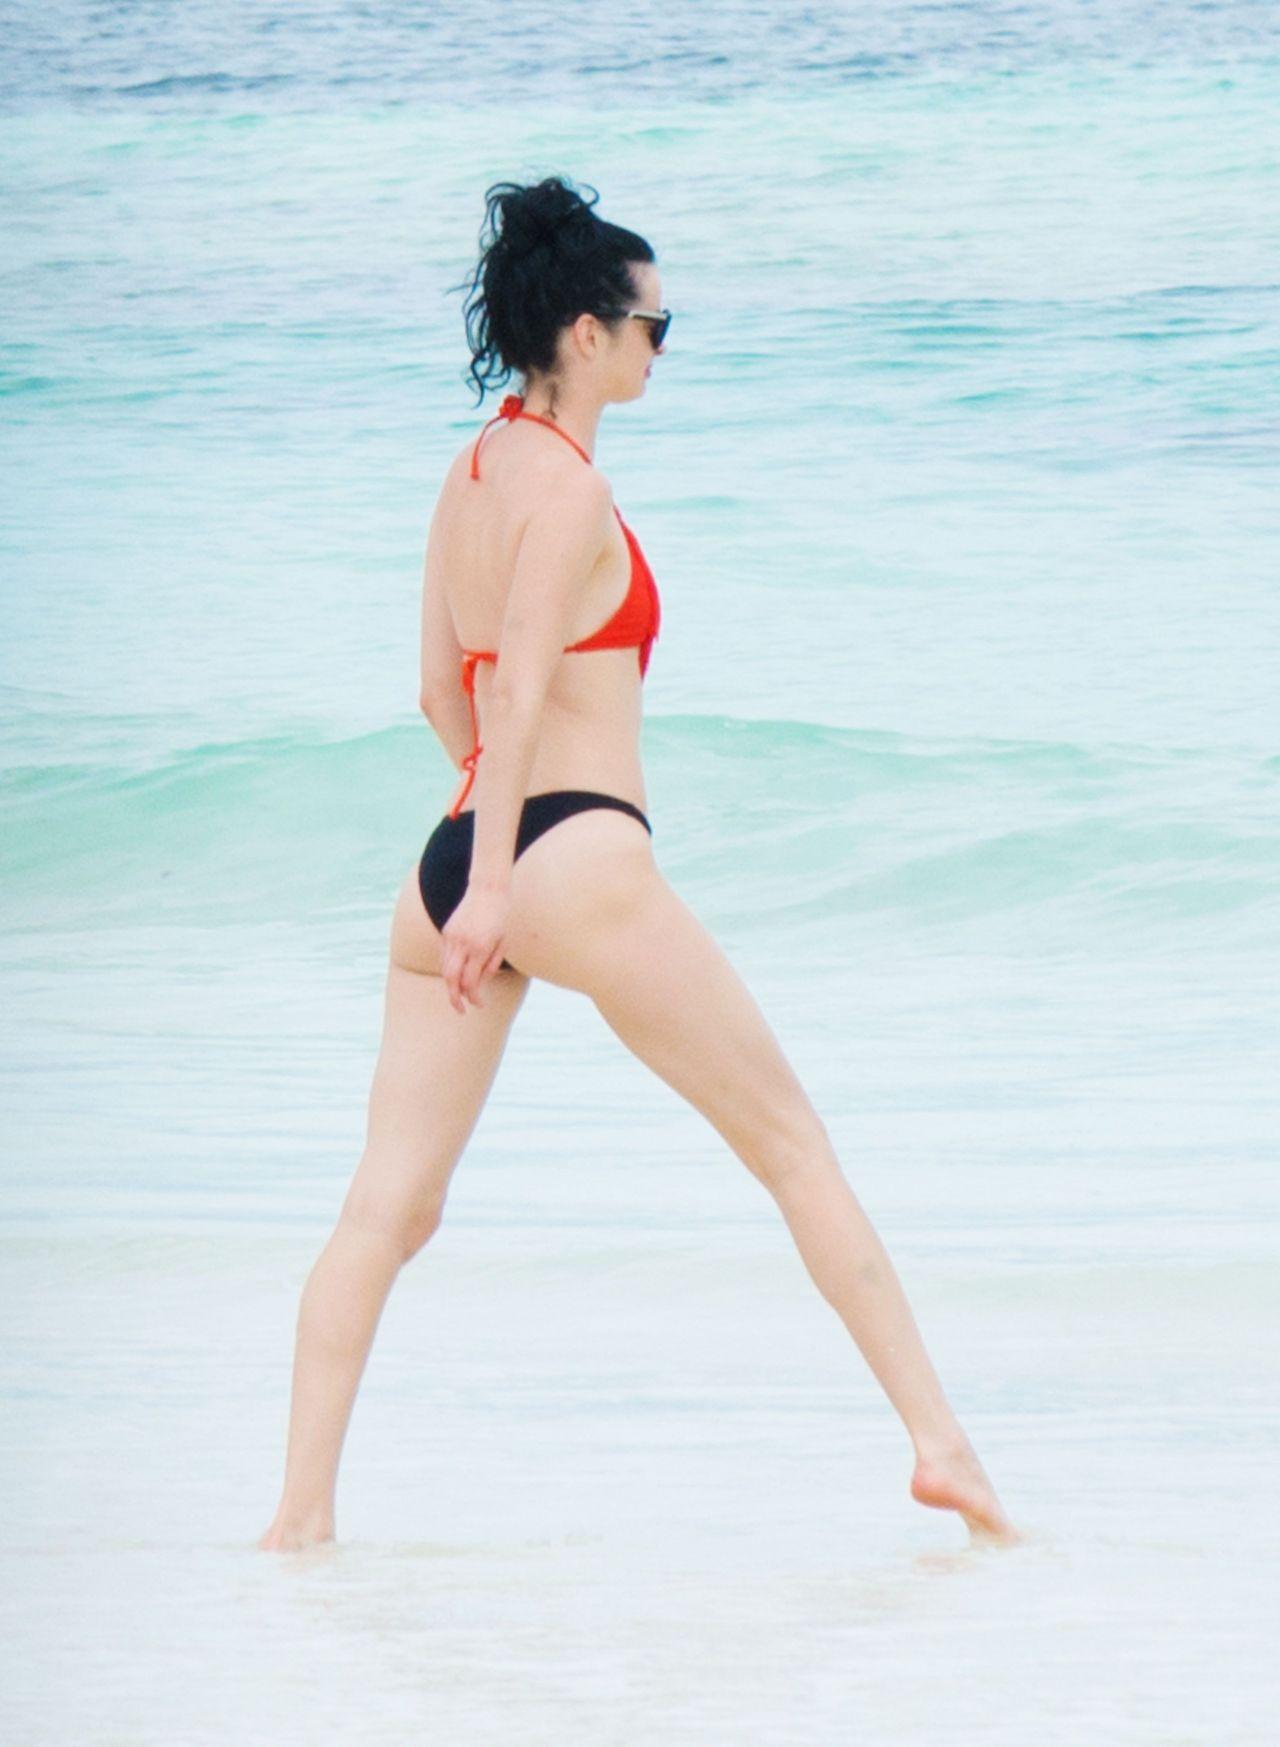 Sideboobs Bikini Rebecca Benson  nudes (65 fotos), 2019, in bikini